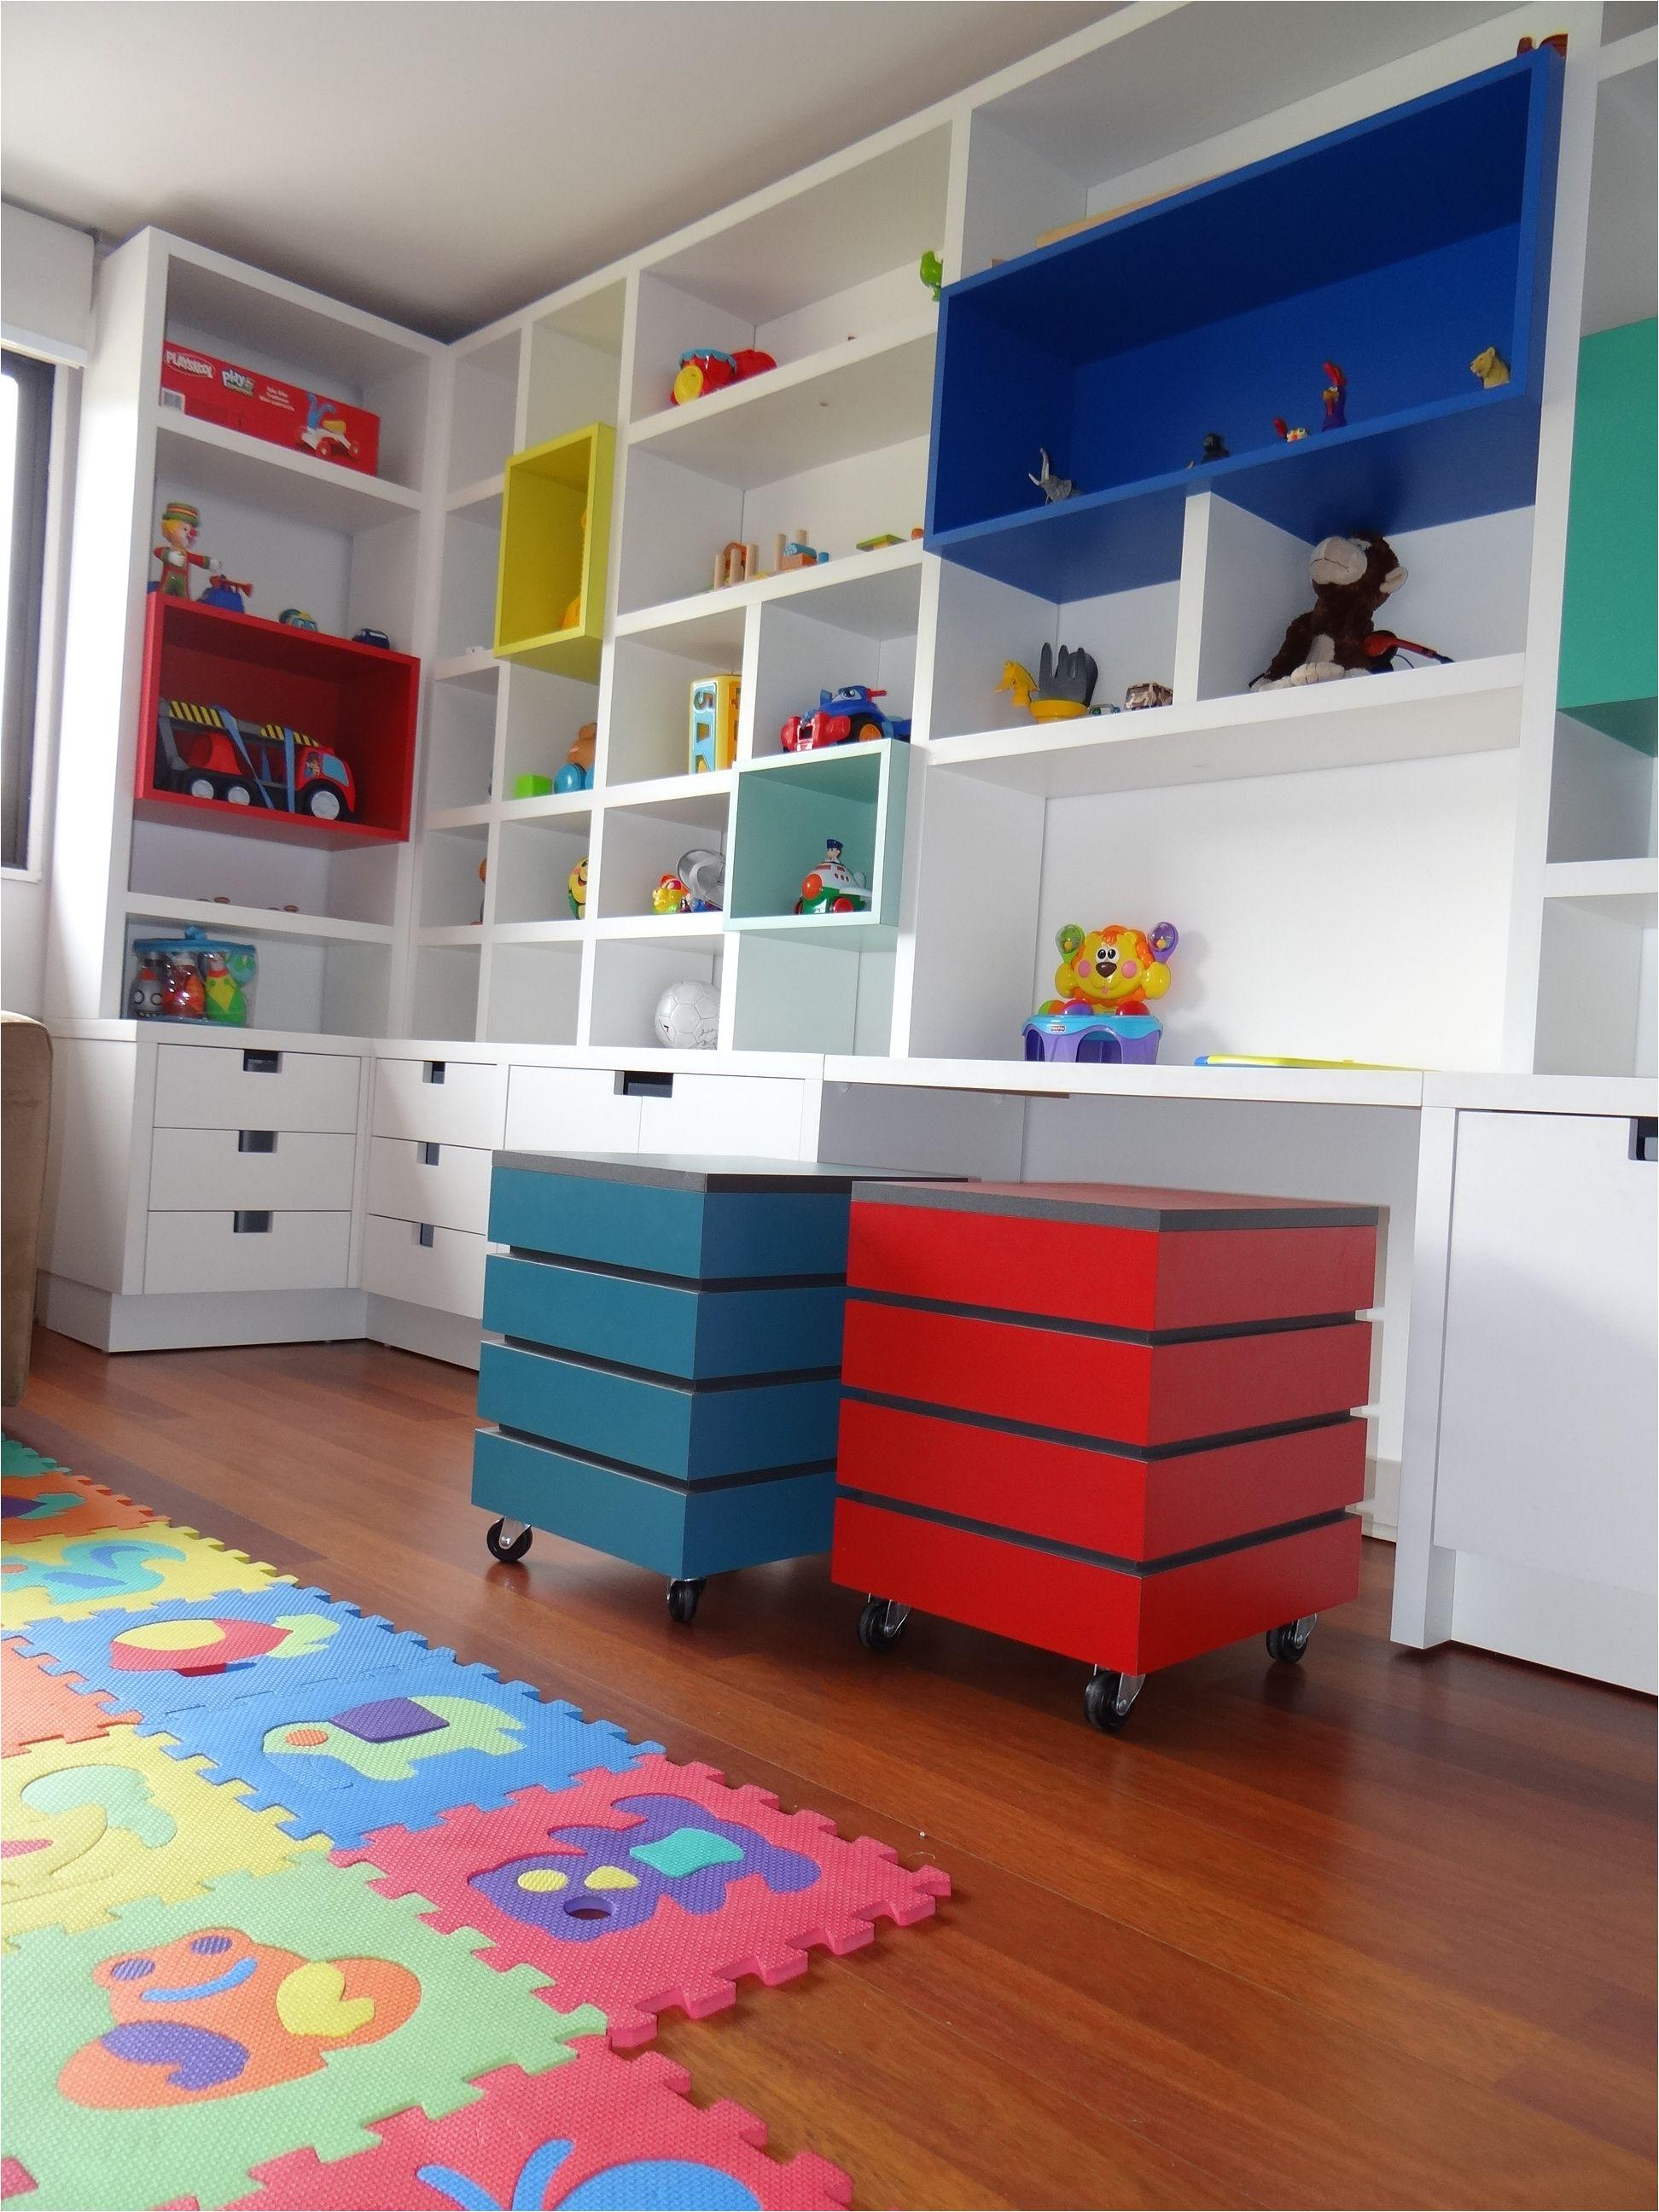 mueble biblioteca enchapado blanco con aplicaciones de cajones en colores fuertes sistemas de cajones